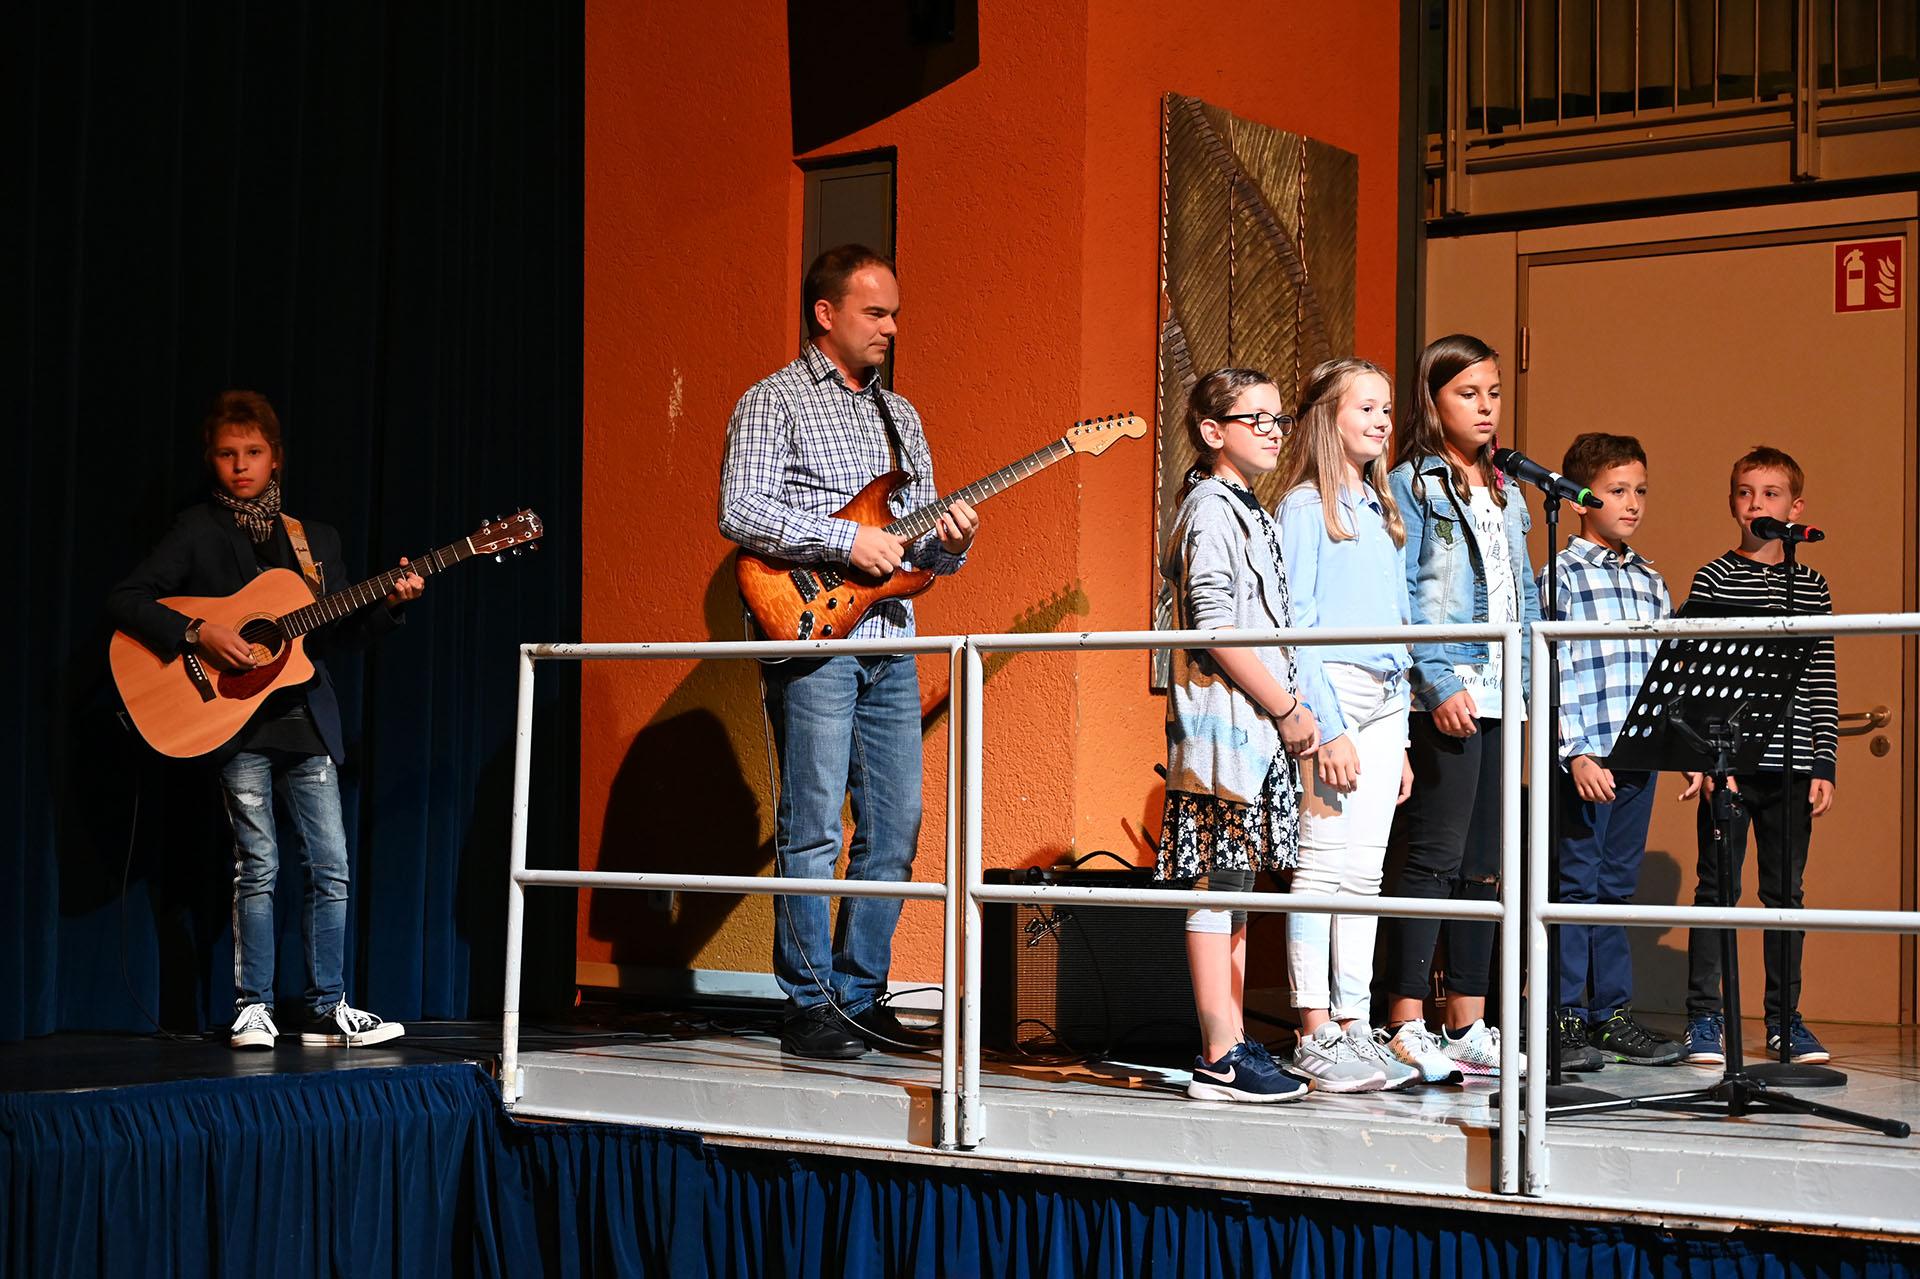 Vor dem Vortrag wurde ein Friedenslied von Kindern des Kulturvereins Kurpfalz e.V. dargeboten